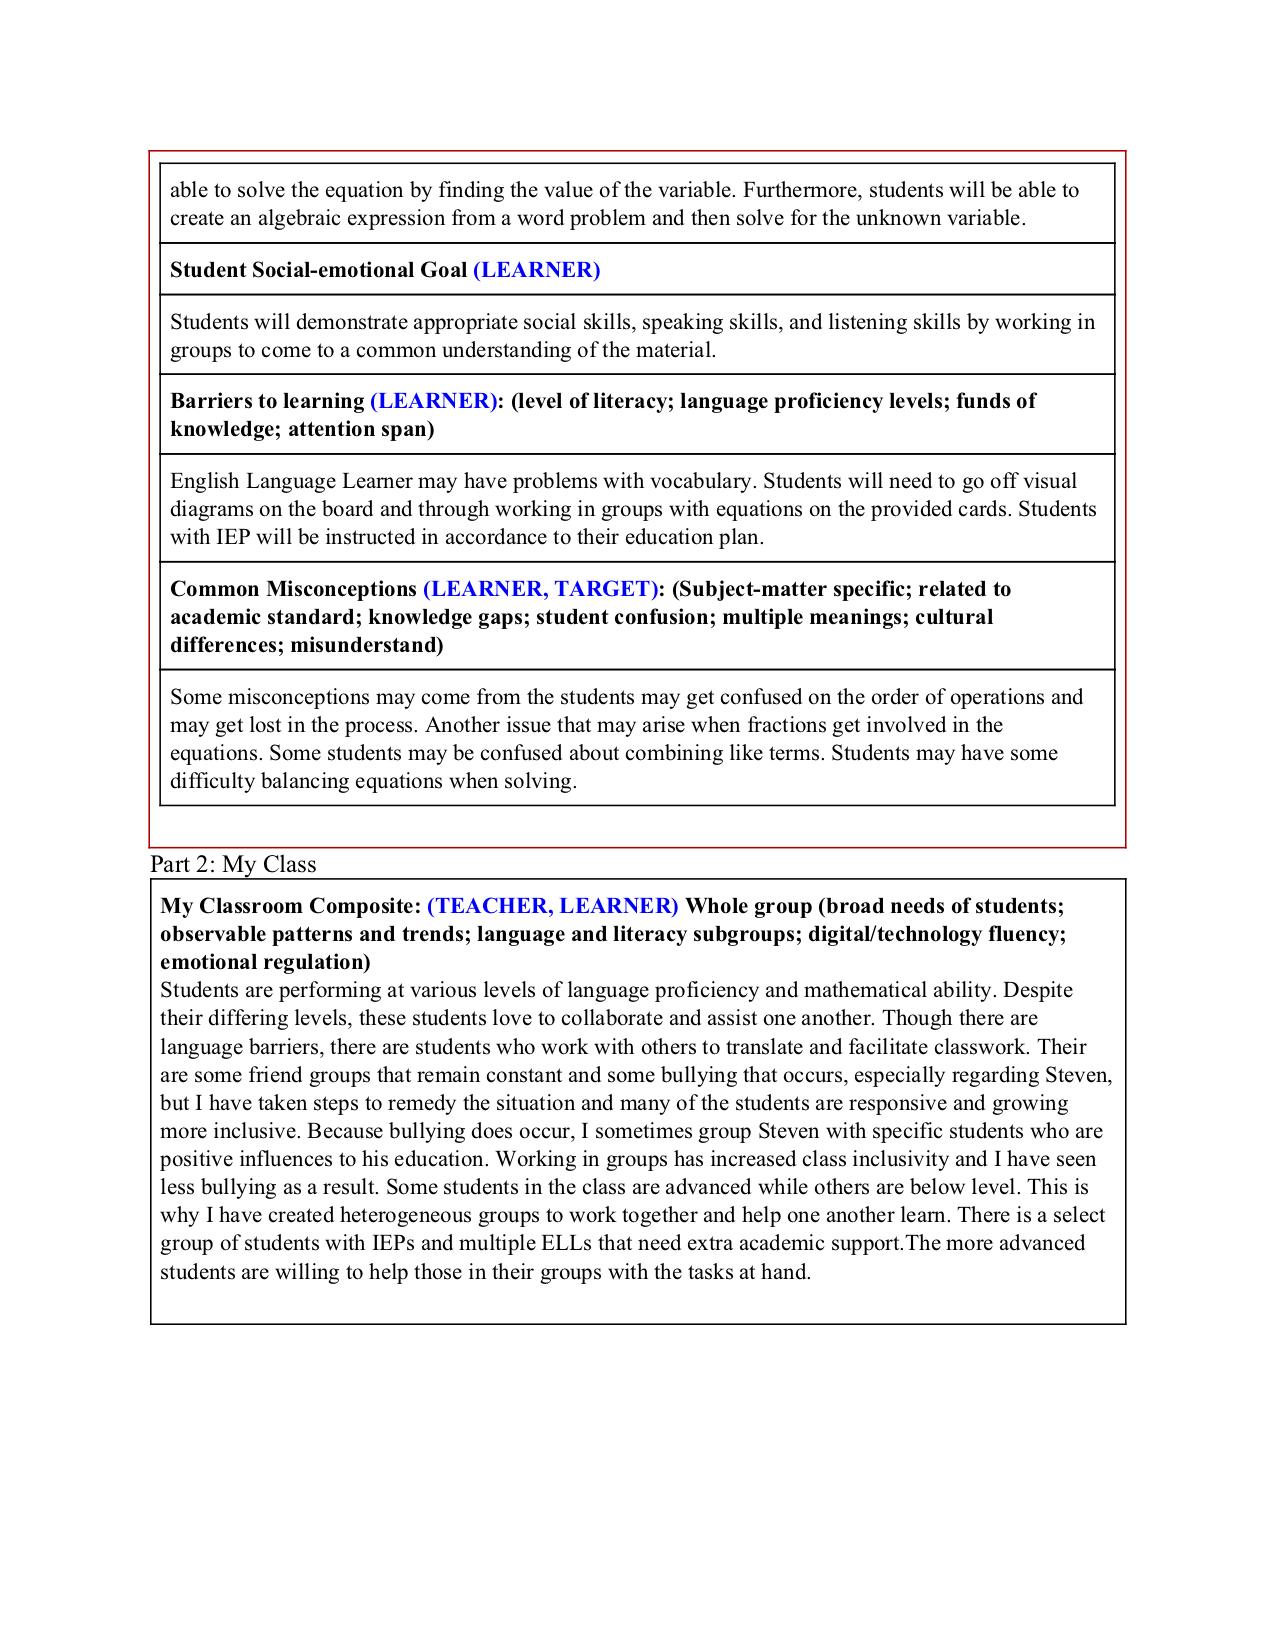 ITL-608 Literacy learning plan copy3.jpg